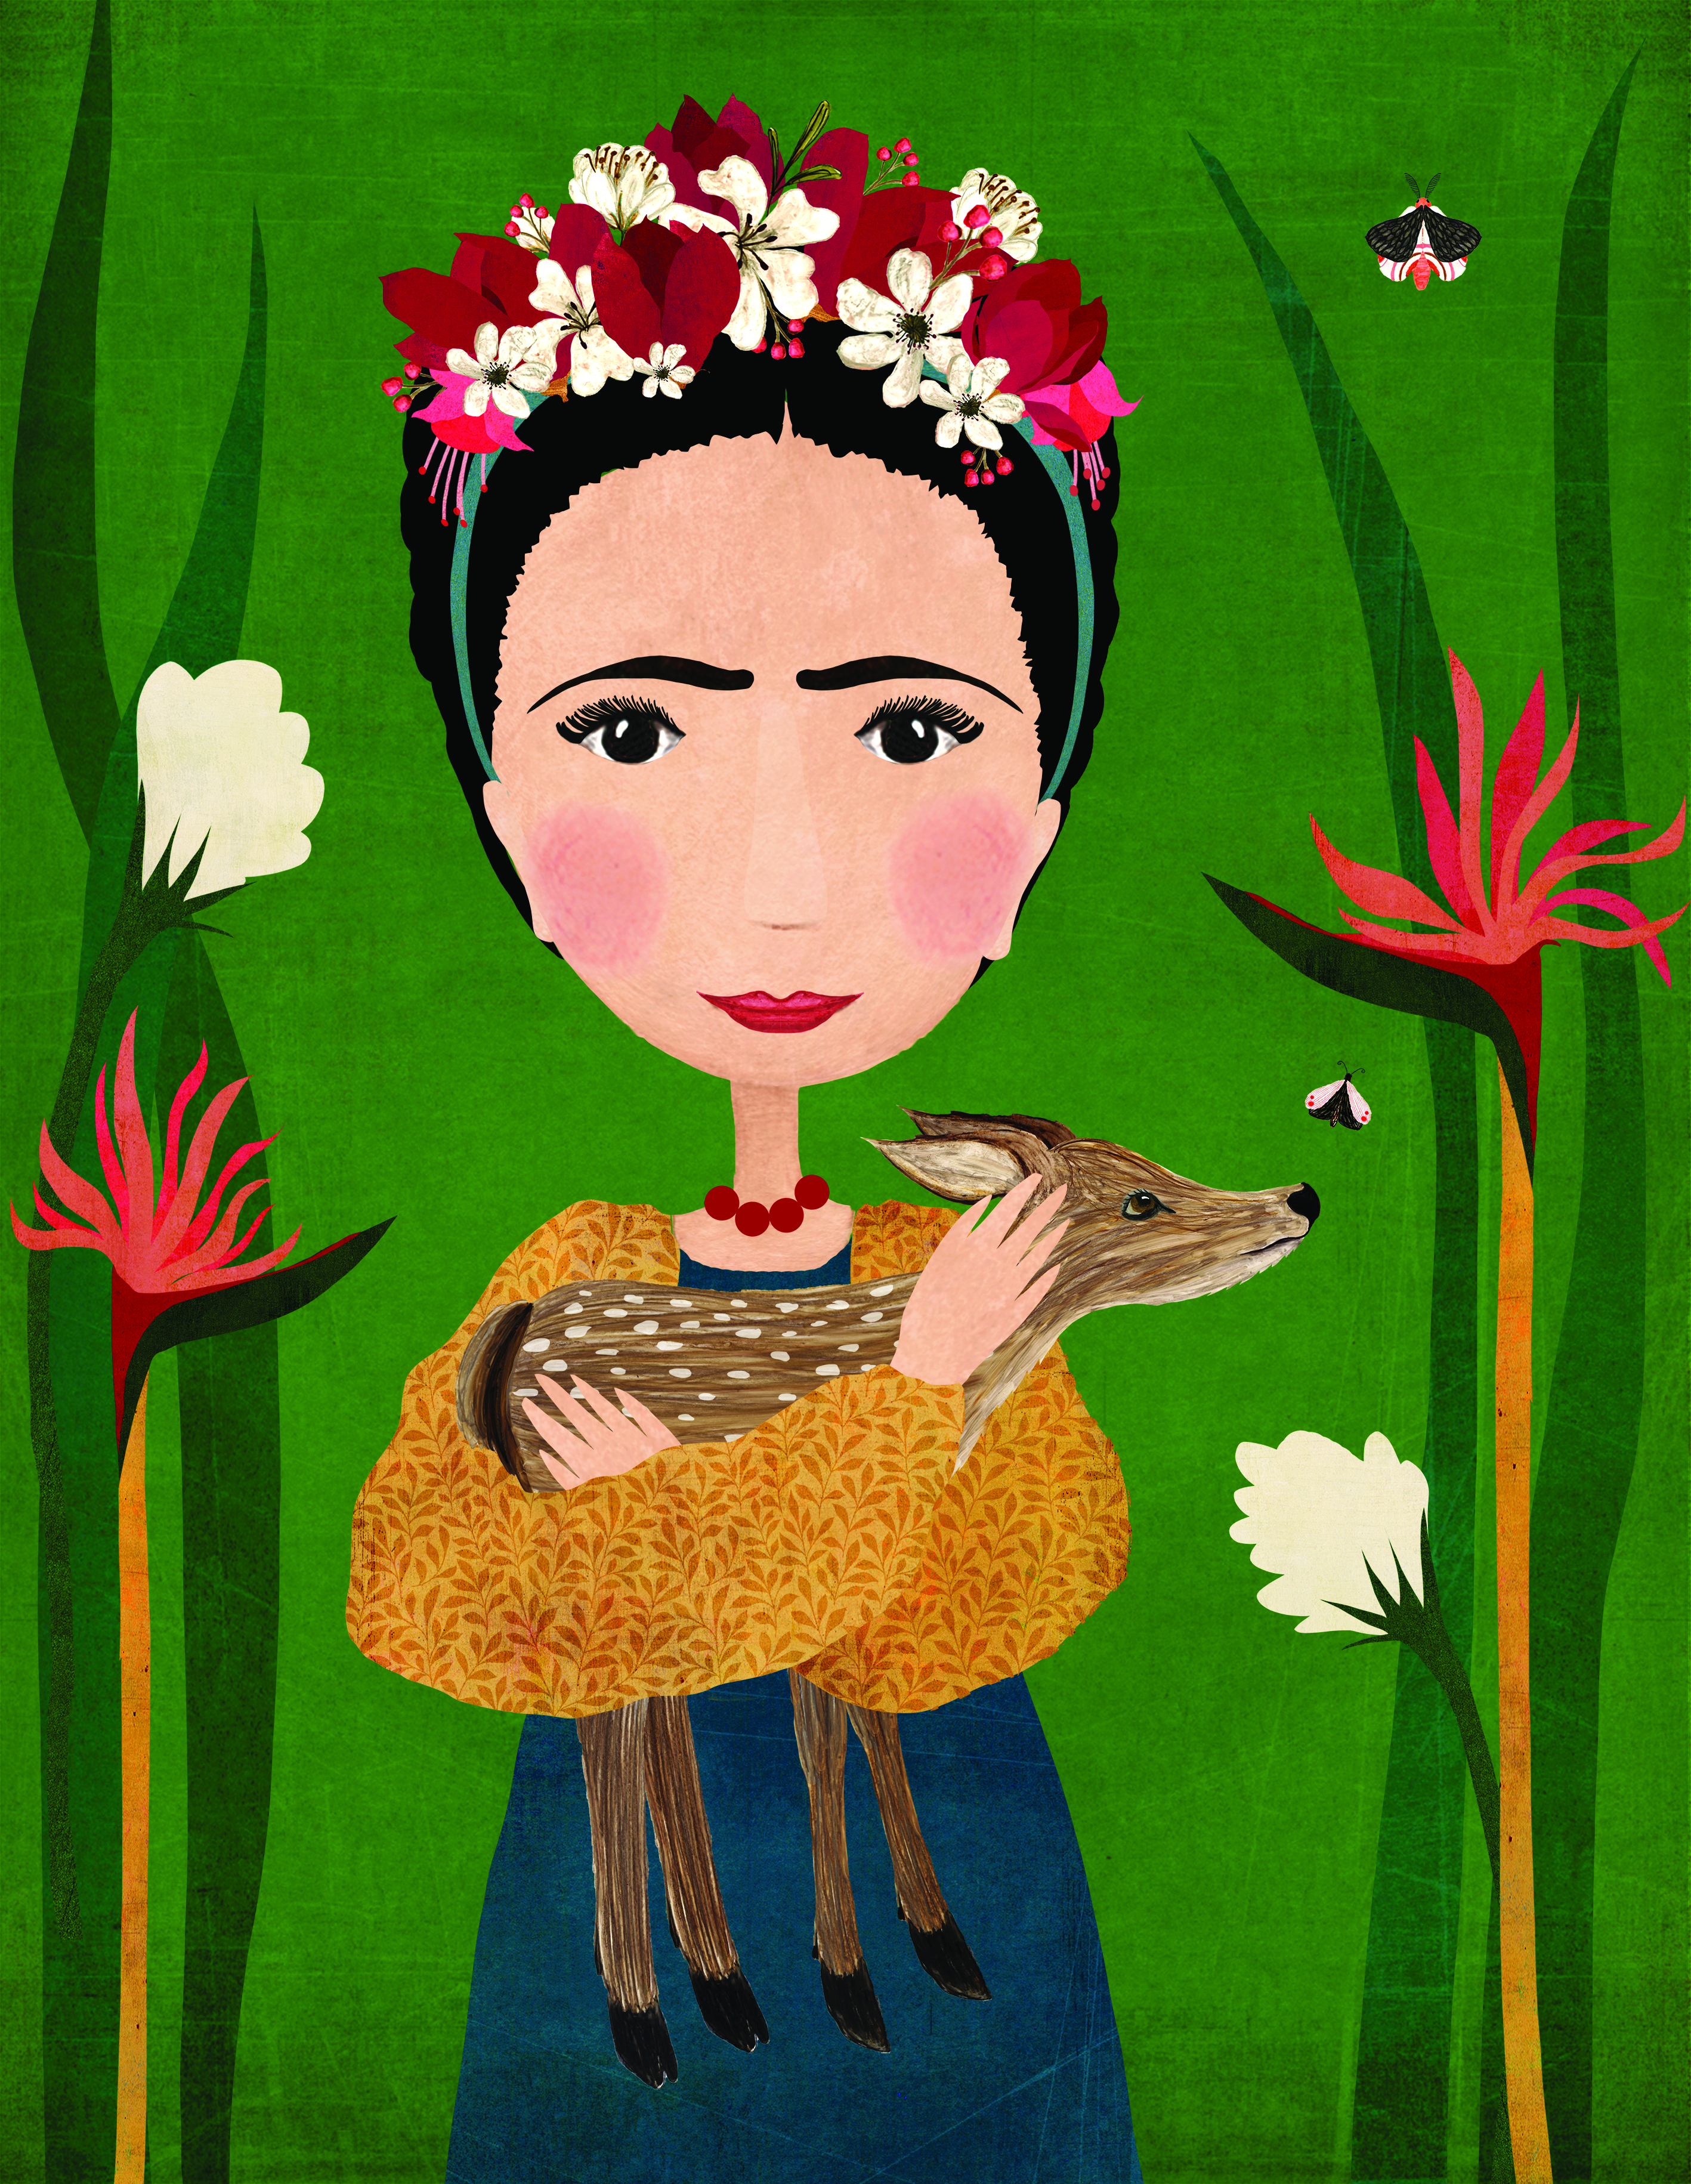 Above: Frida Kahlo by Katherine Quinn© courtesy of Jehane Ltd.